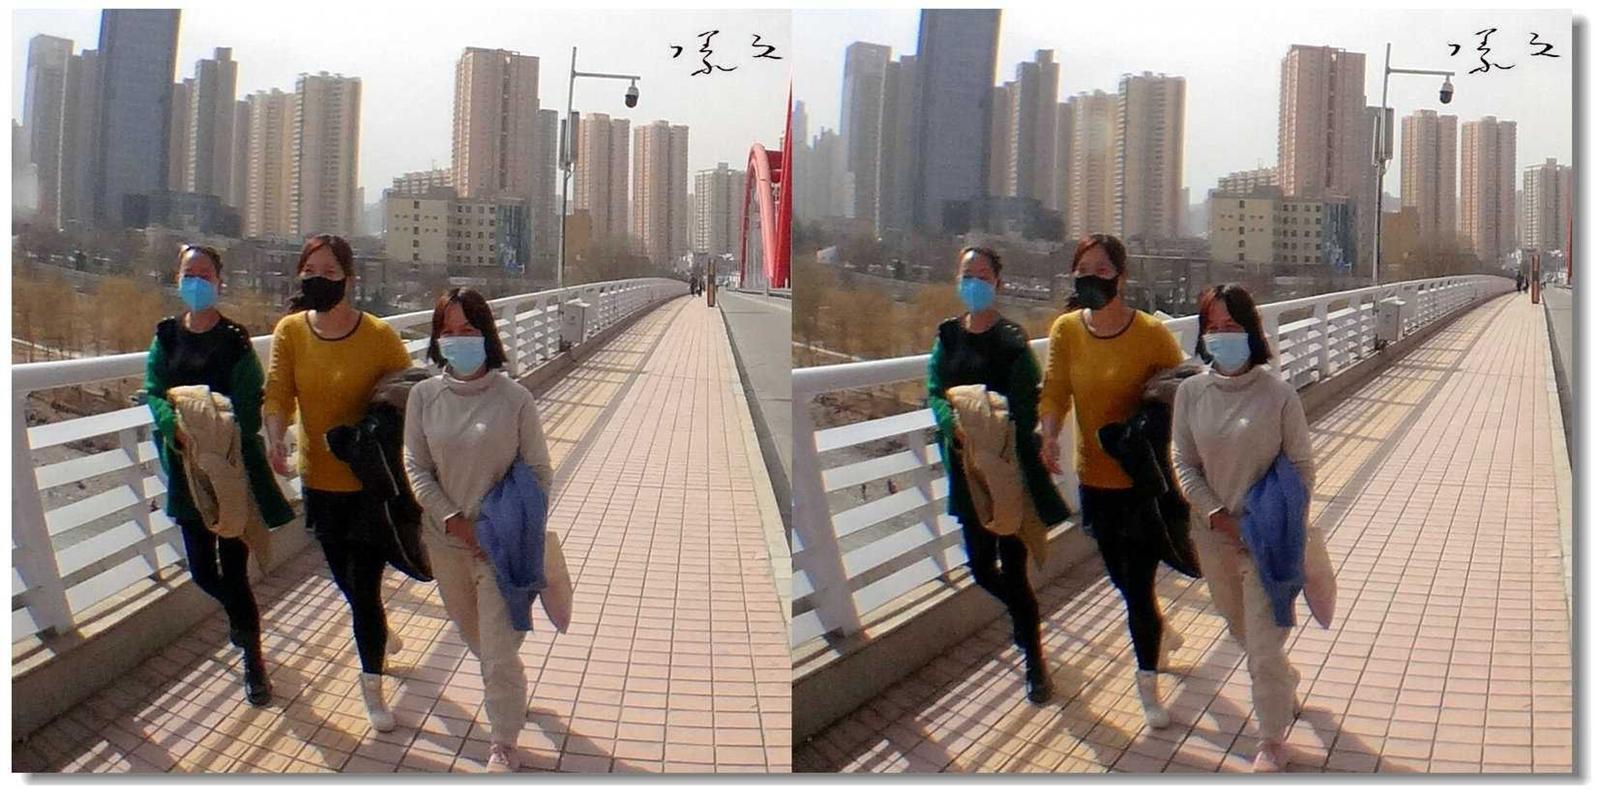 .【原创】街拍-戴口罩的人们 -5